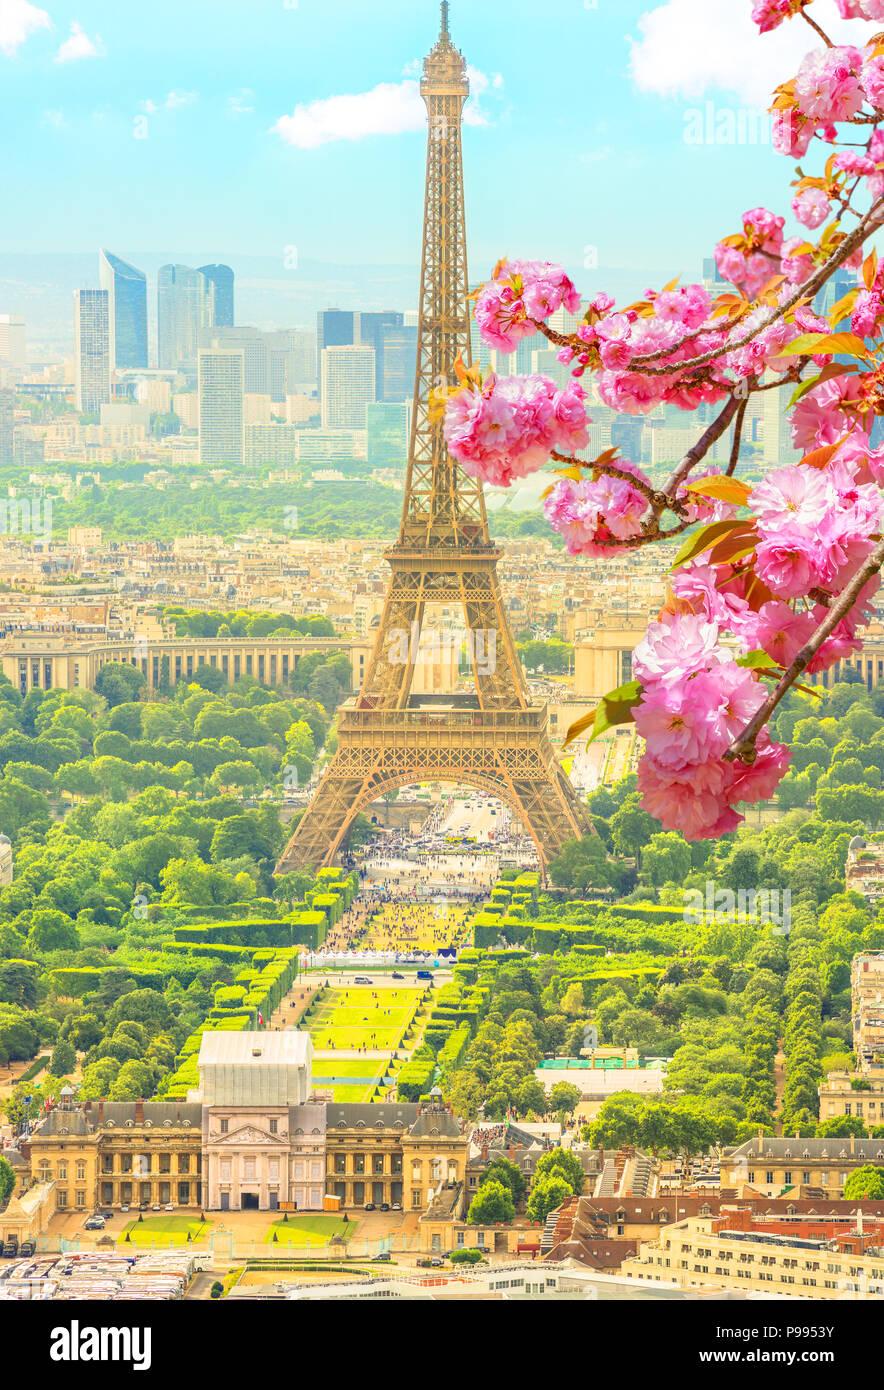 Fiore di Ciliegio ramo in primo piano e sullo skyline cittadino di Parigi con la Torre Eiffel sullo sfondo. Stagionale sfondo pittoresco. New Scenic 5 posti con lo sfondo della torre Eiffel. Colpo verticale. Immagini Stock